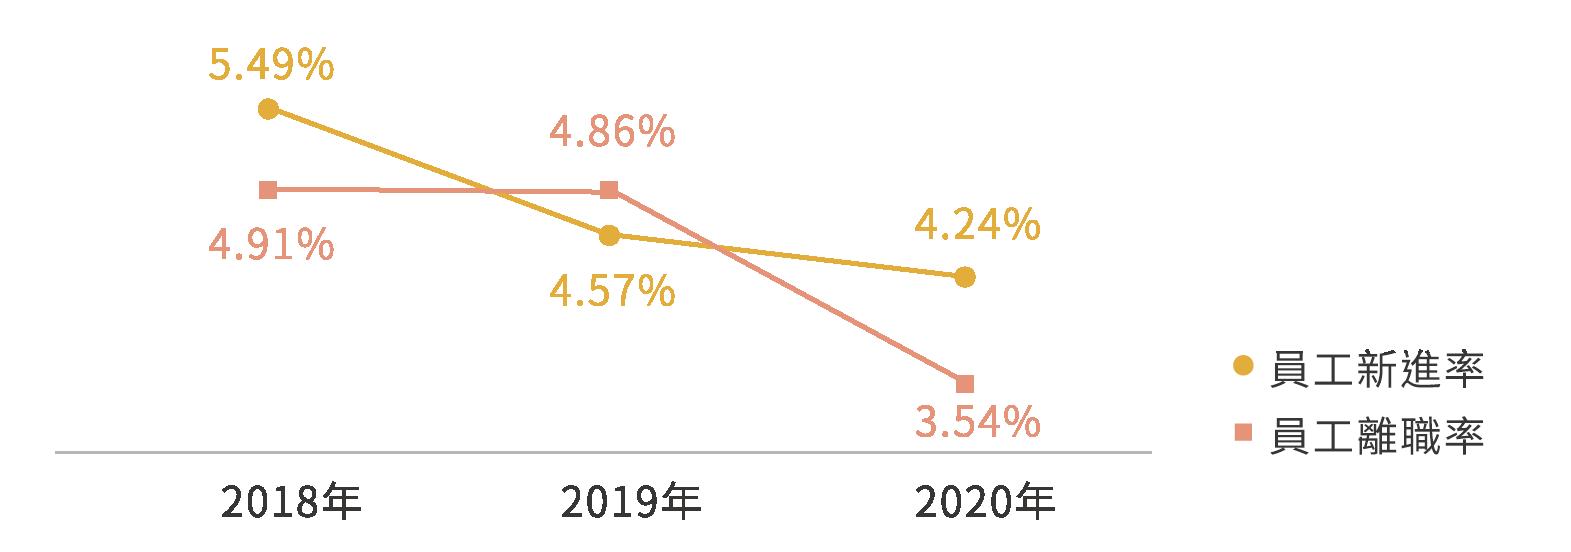 歷年新進率與離職率變化